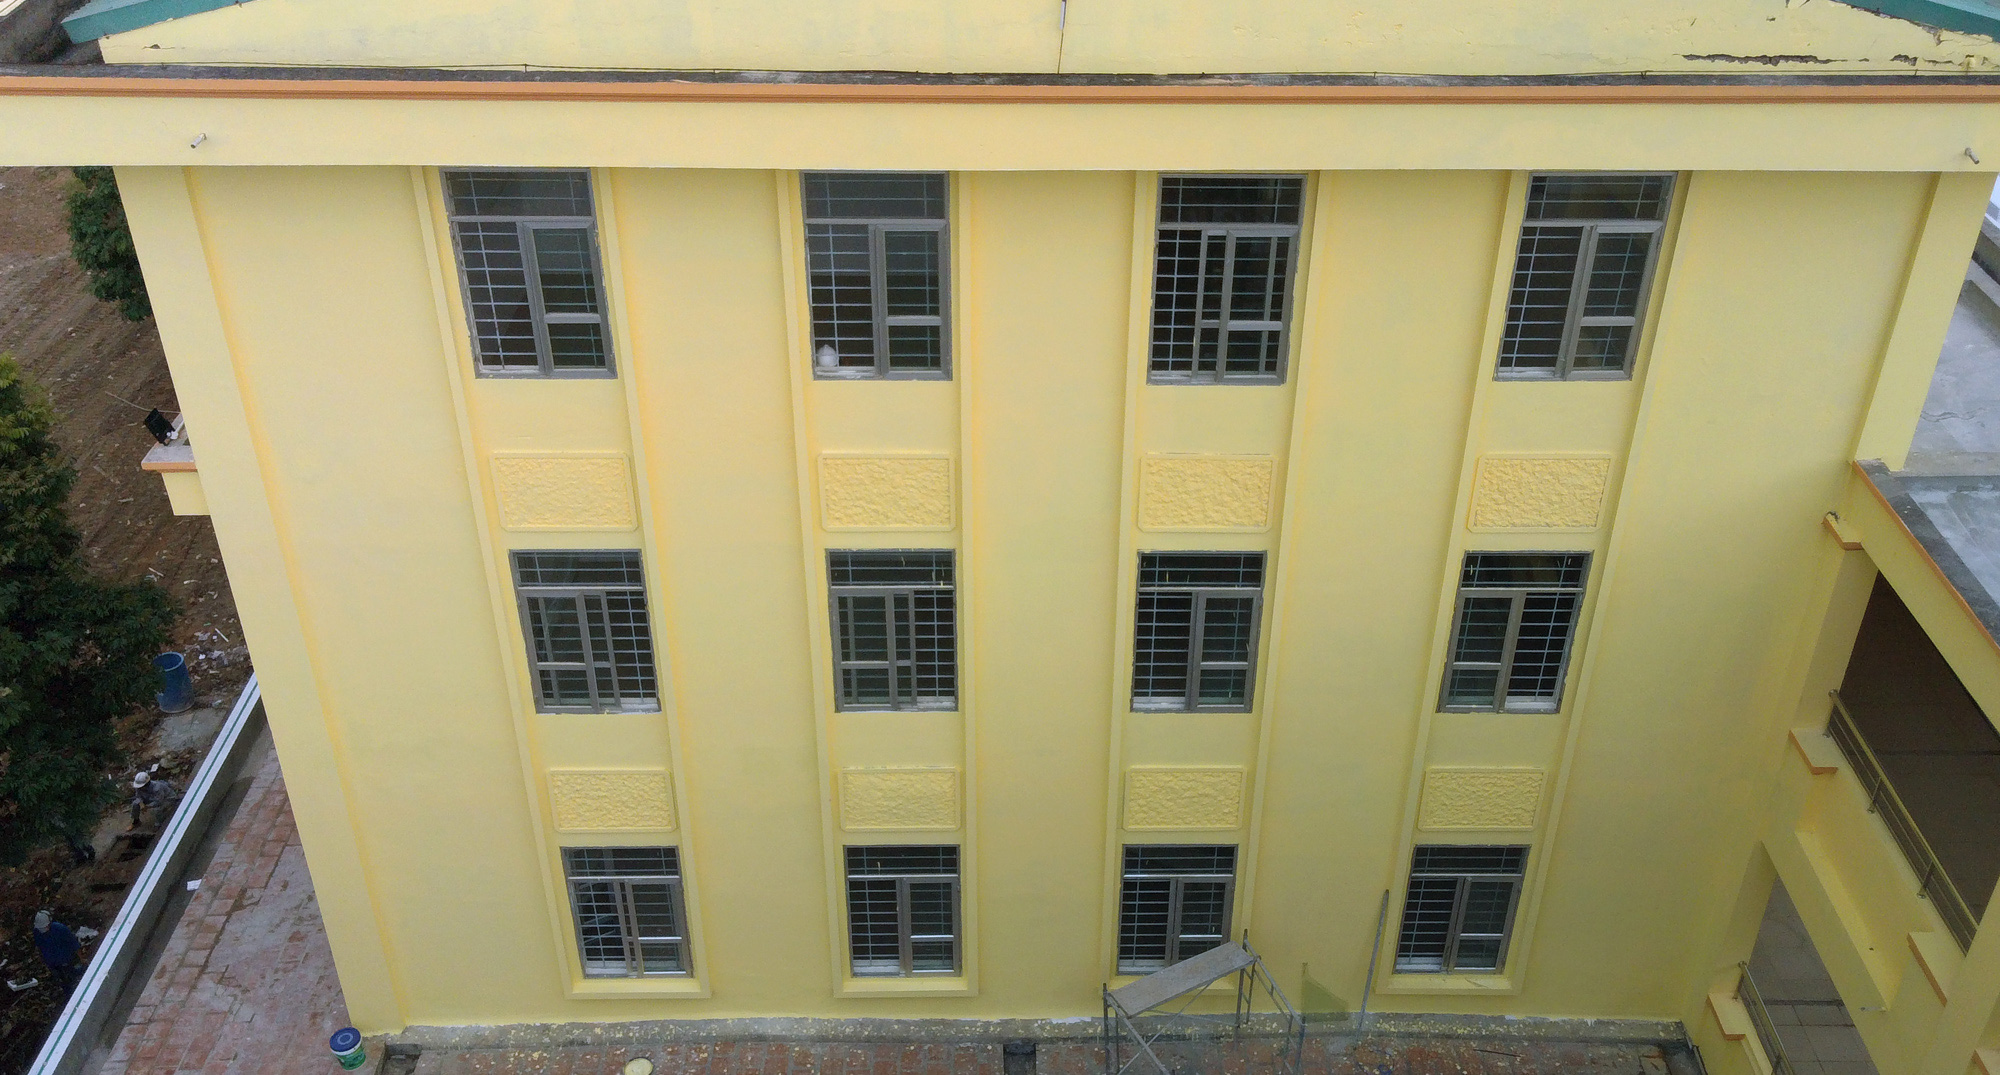 Hà Nội sửa xong bệnh viện bỏ hoang ở Mê Linh làm khu cách li chống dịch Covid-19 - Ảnh 12.